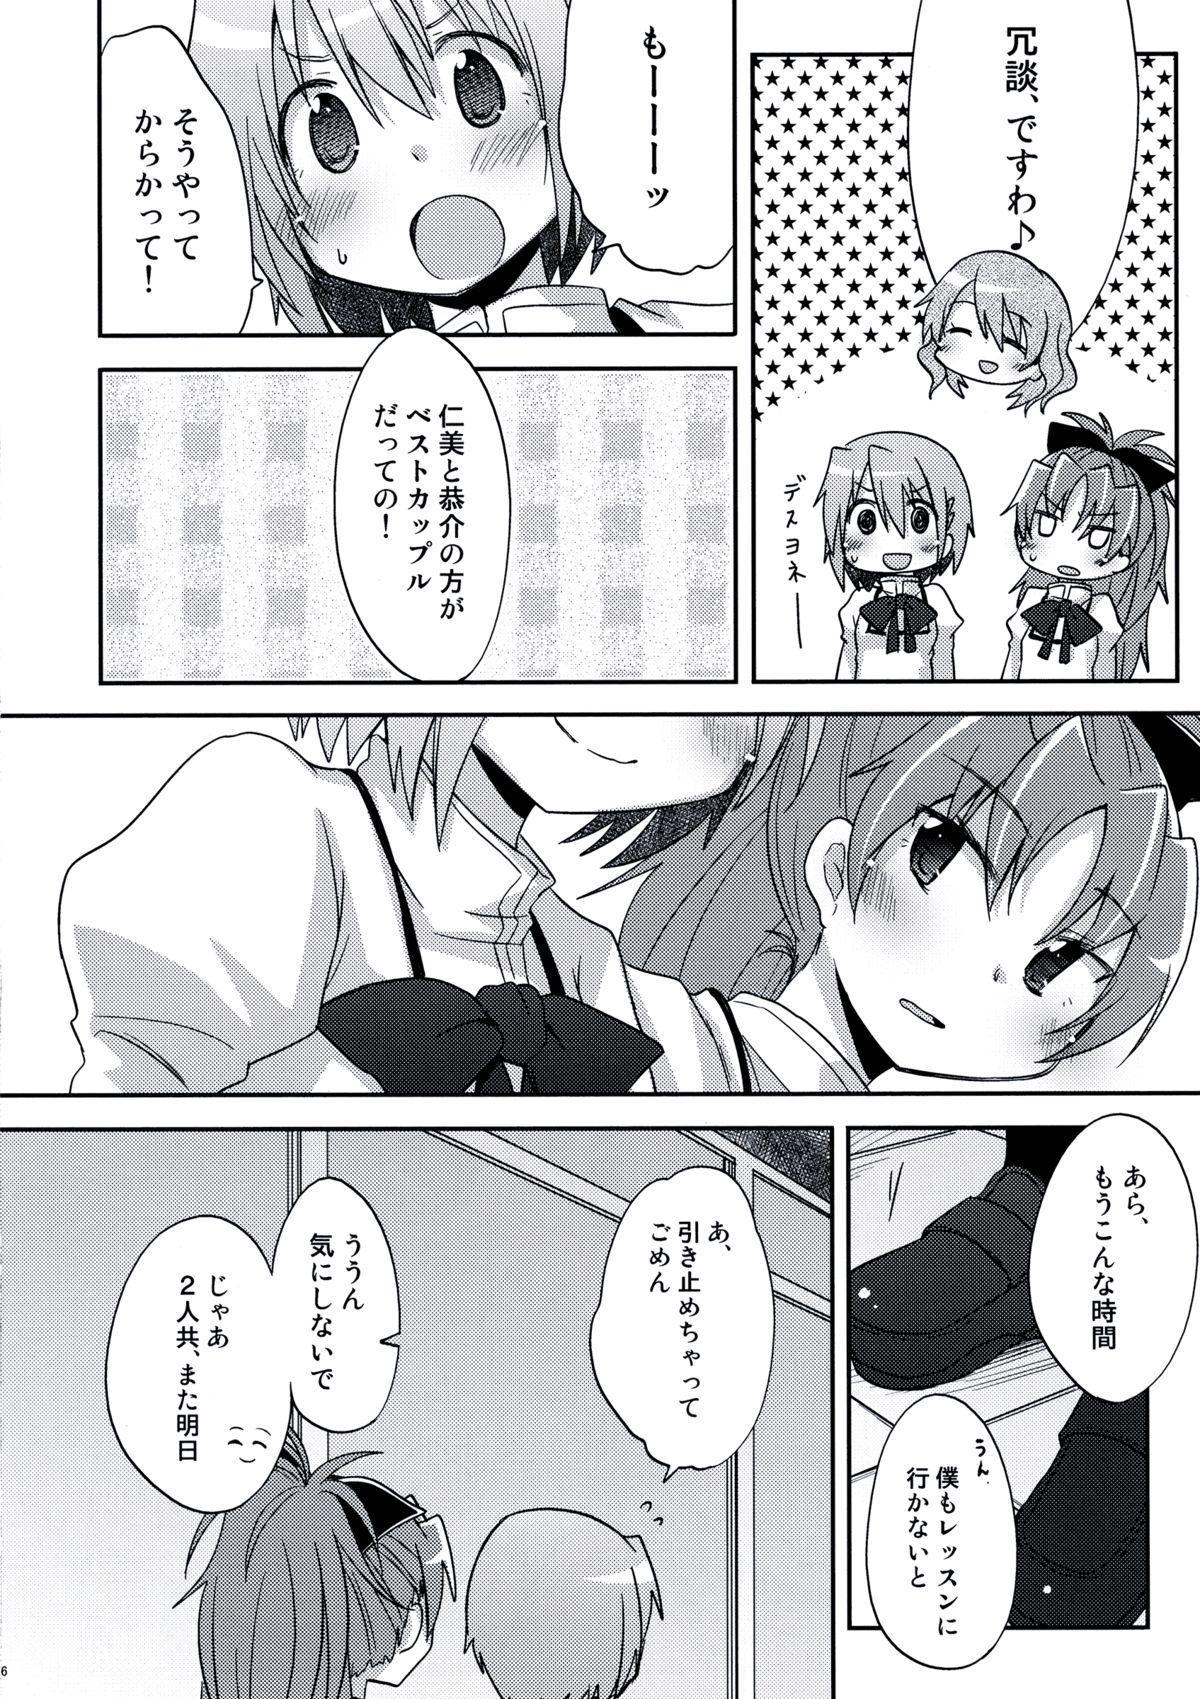 Atashi shika Shiranai 4